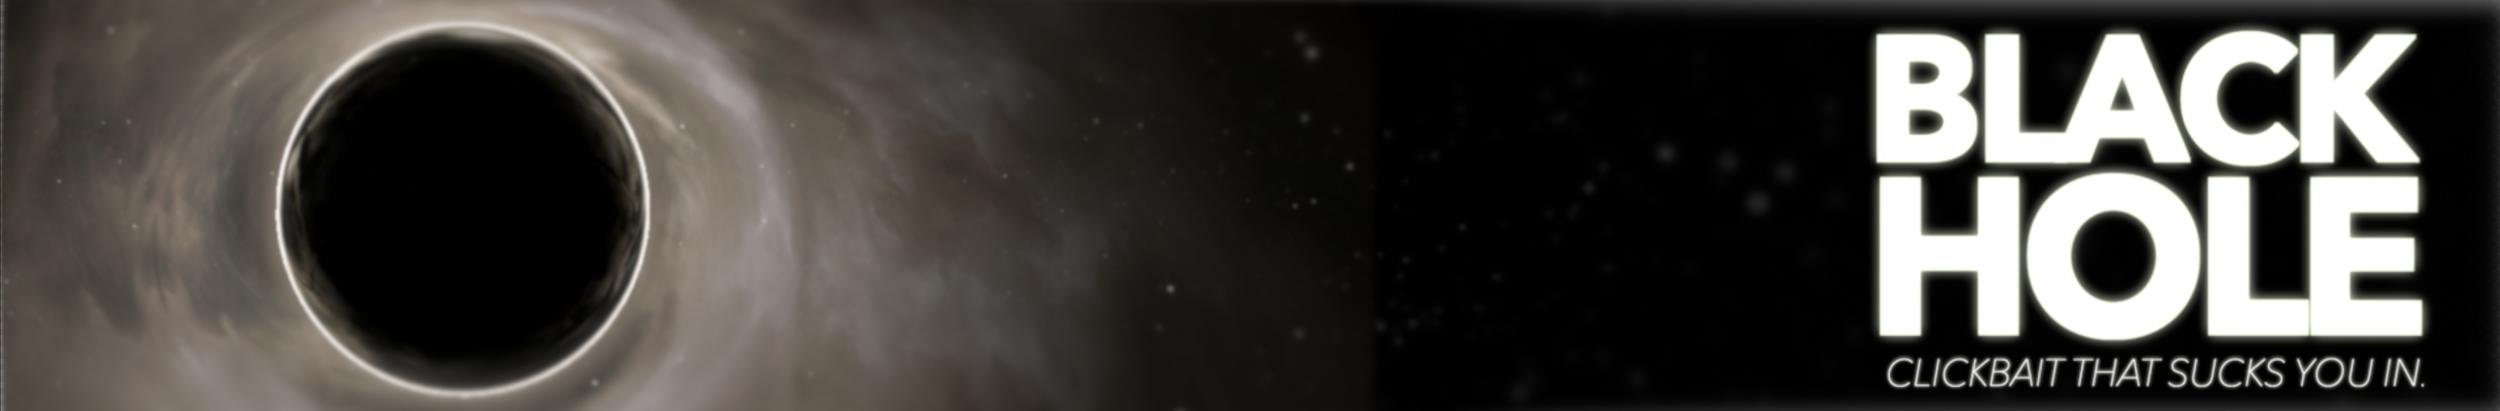 I - Blackhole, Header.png